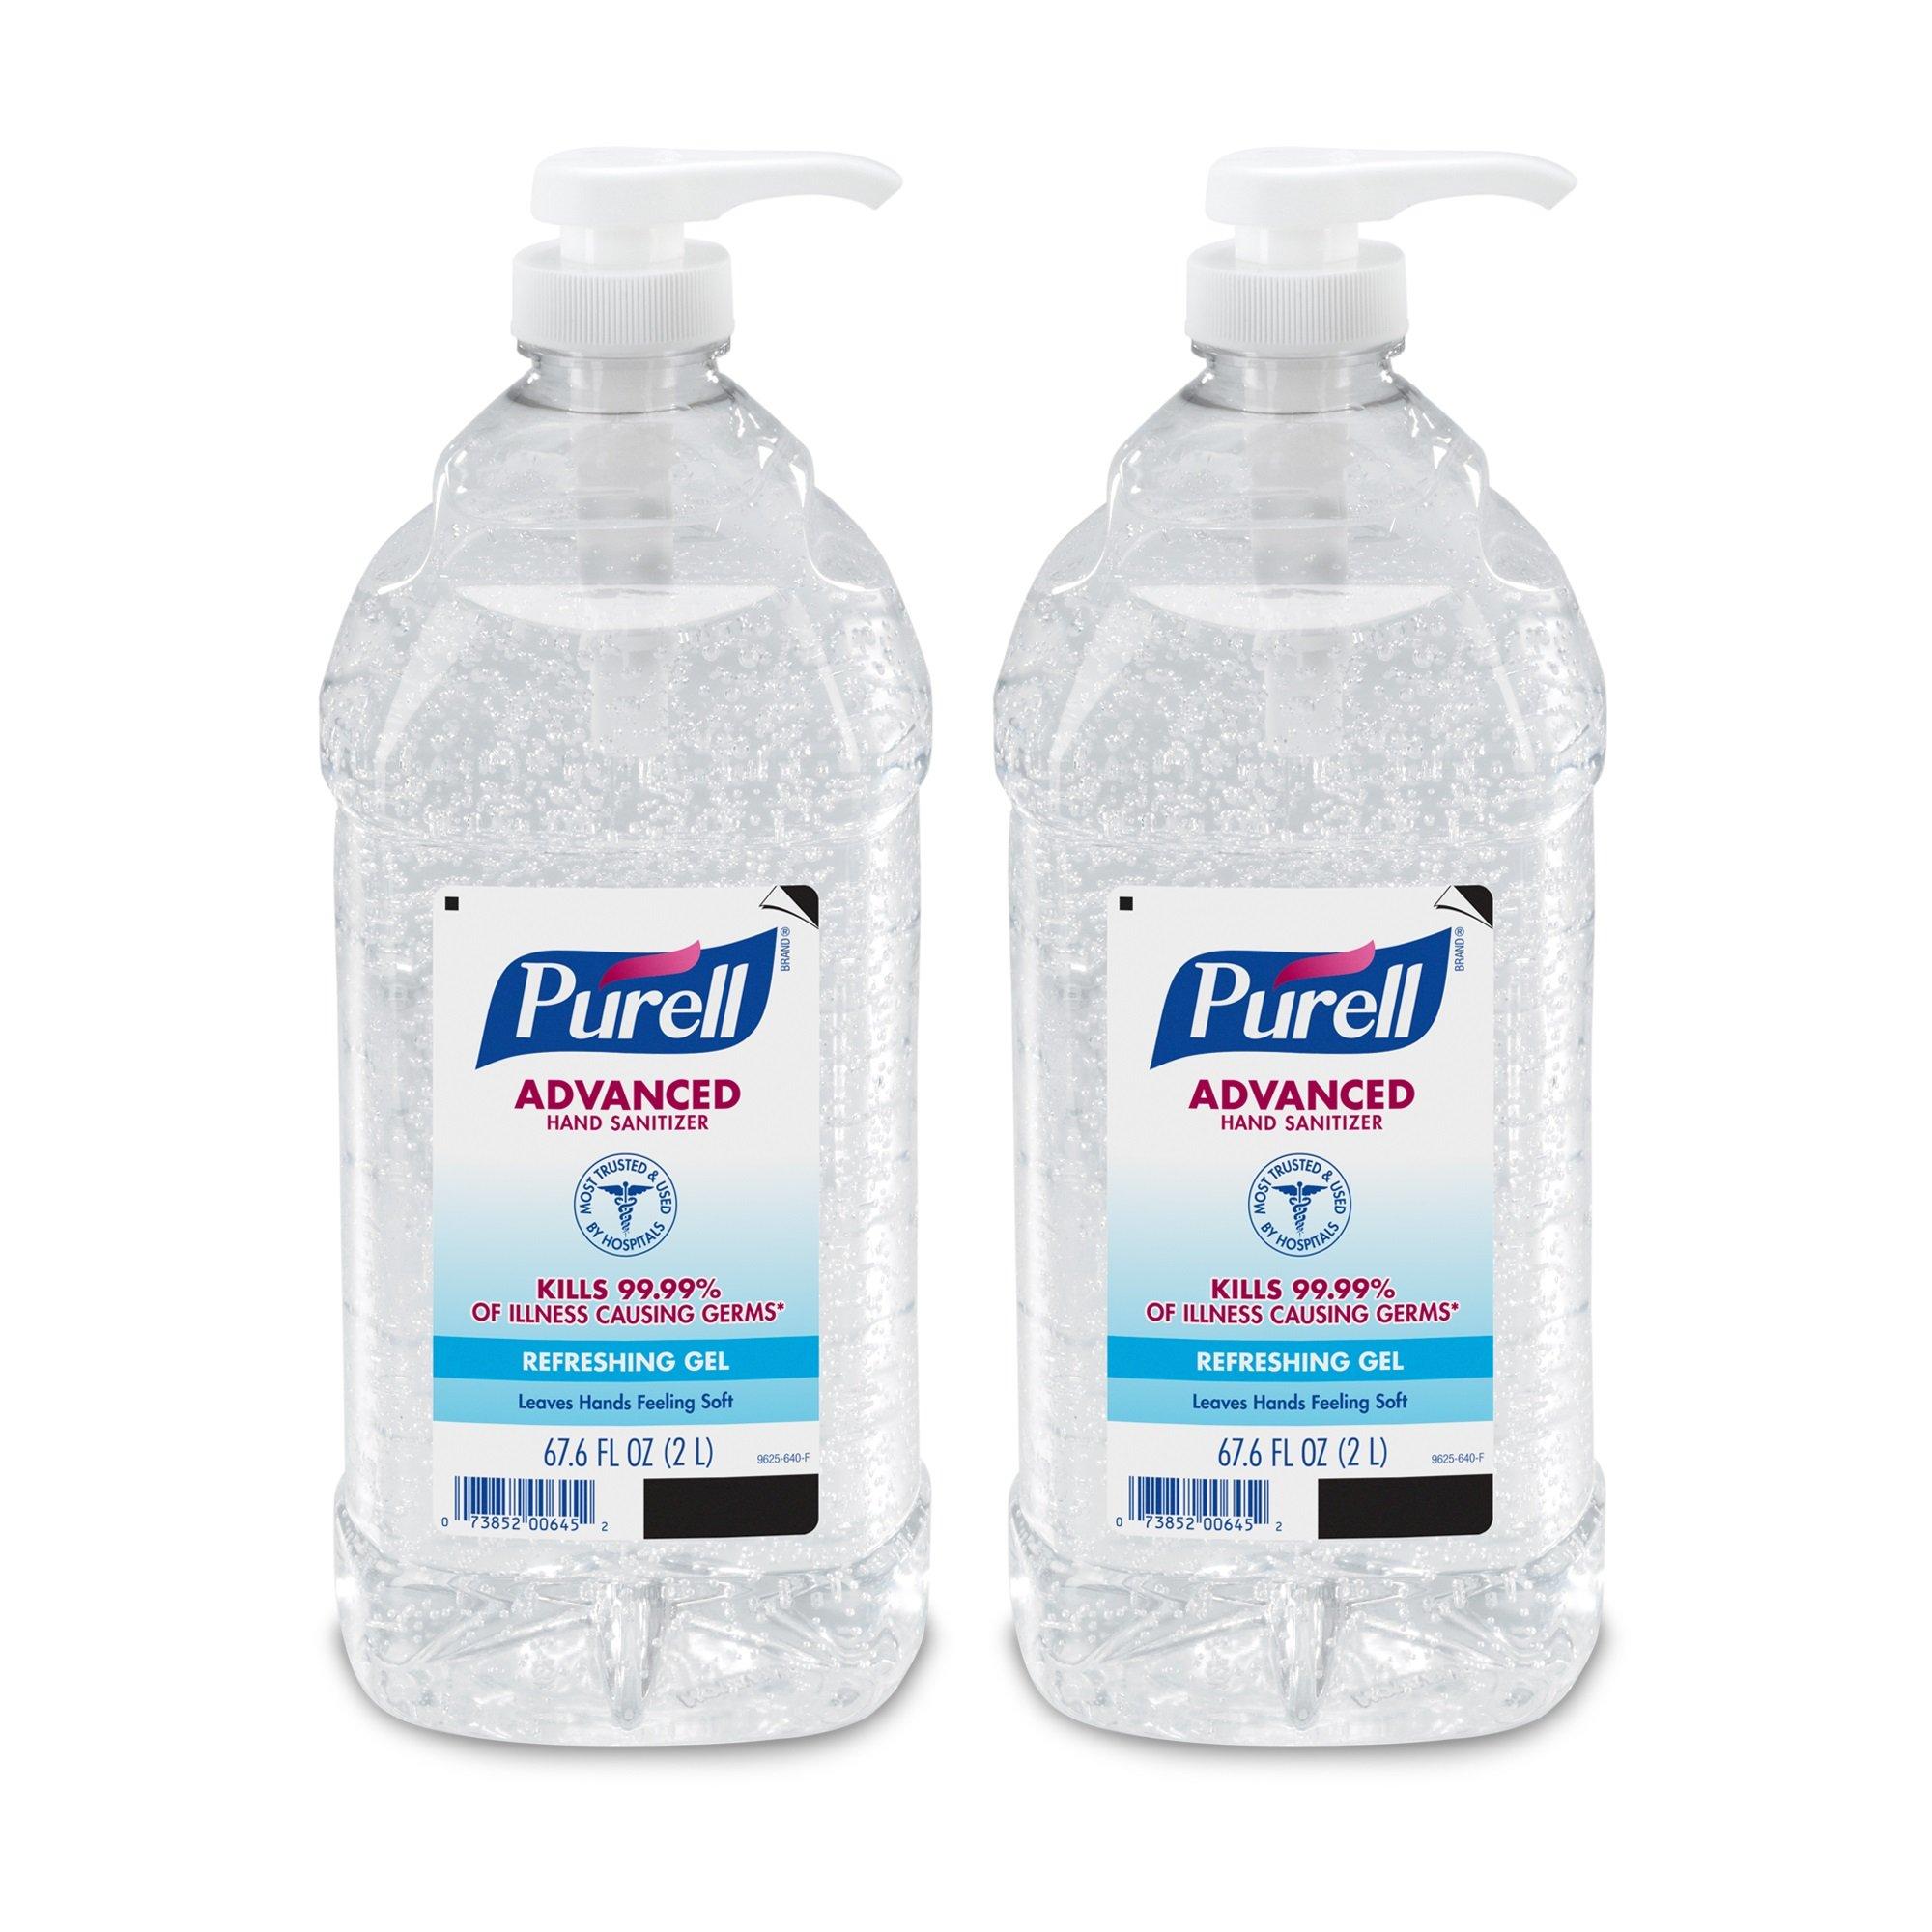 PURELL 9625-02-EC Advanced Hand Sanitizer Bottle - Hand Sanitizer Gel, 2L Pump Bottle (pack of 2)